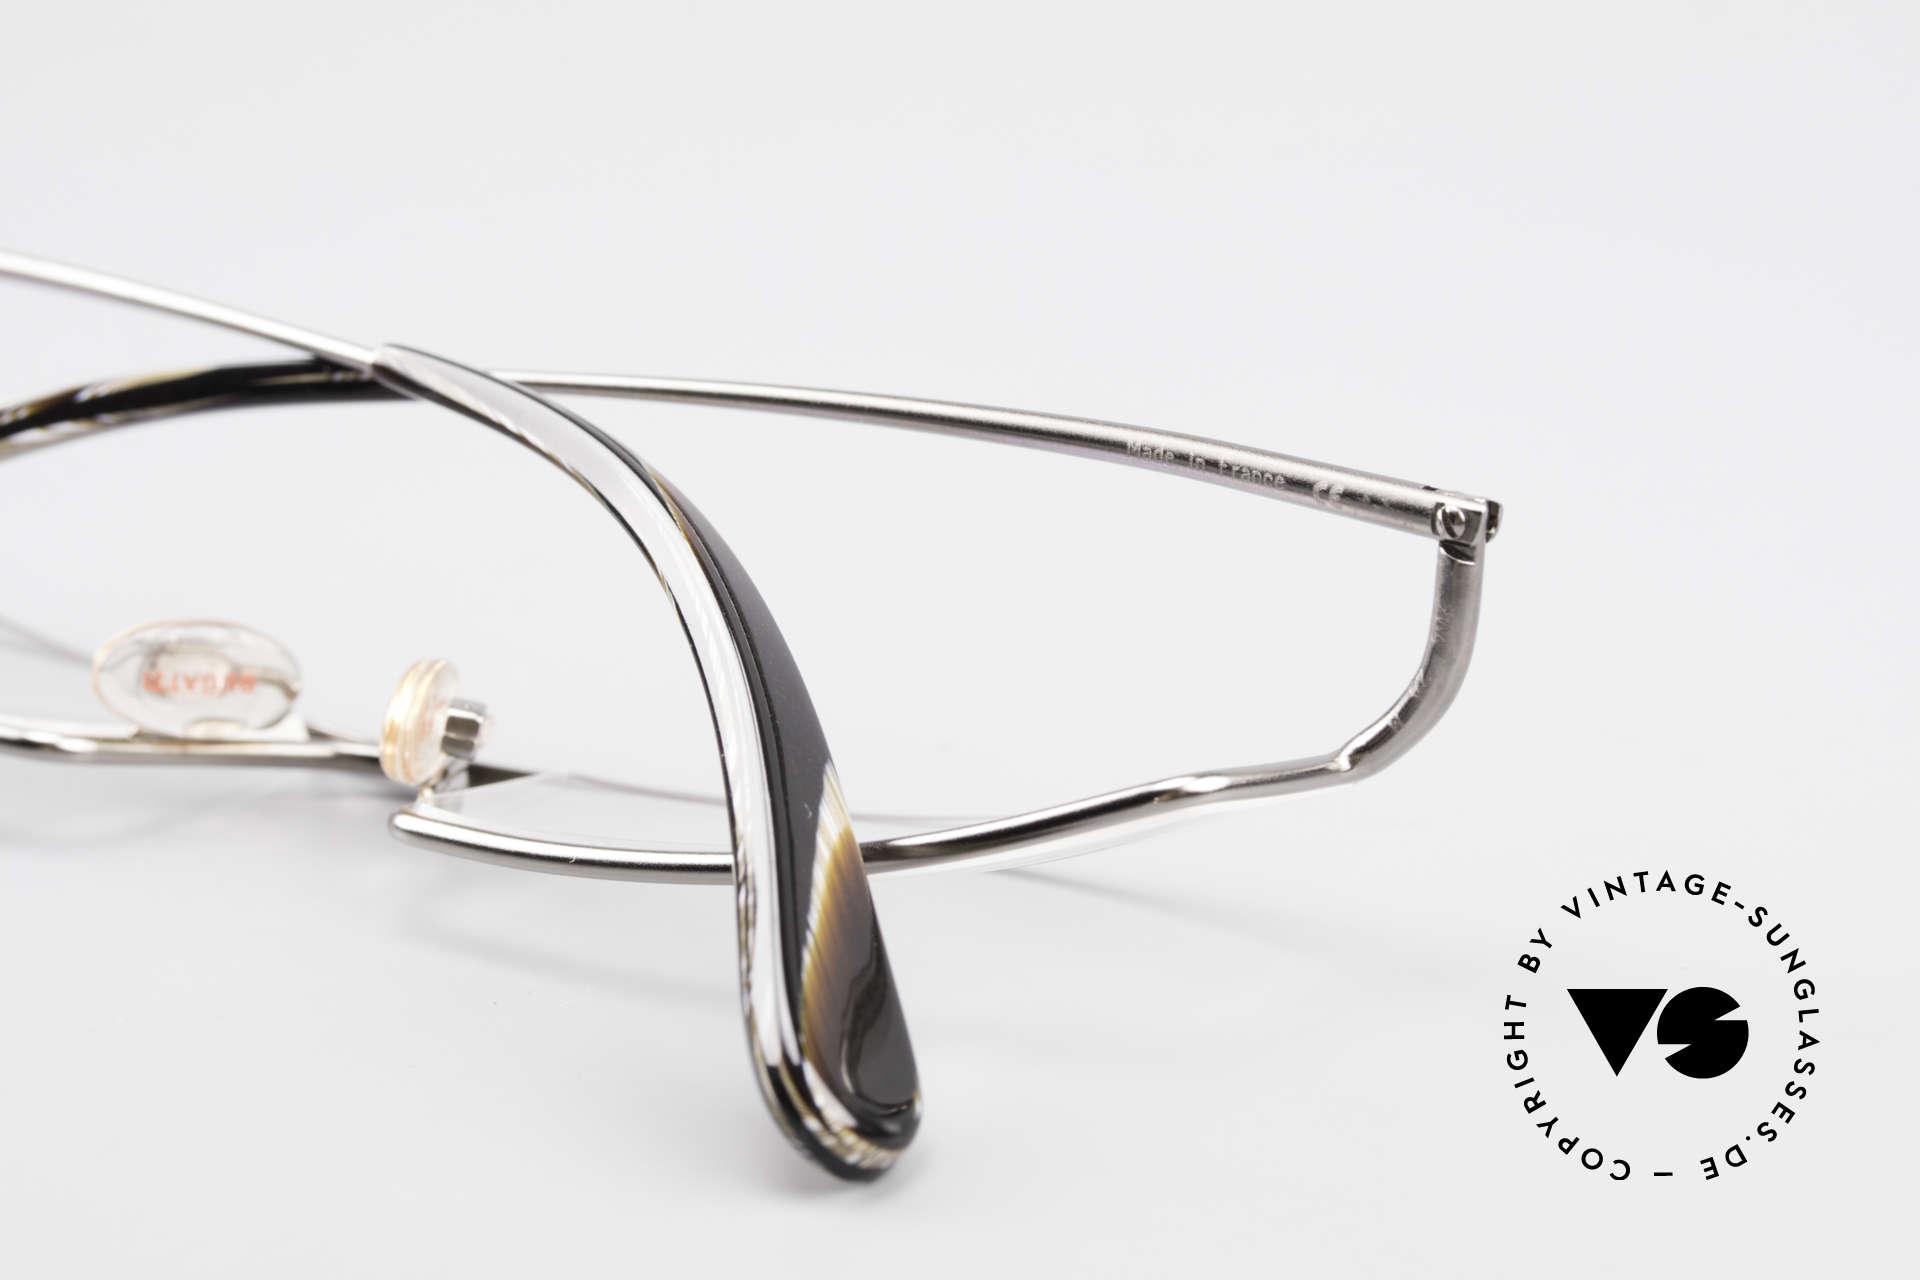 Bugatti 204 Odotype Vintage Luxus Brille Limited, Größe: large, Passend für Herren